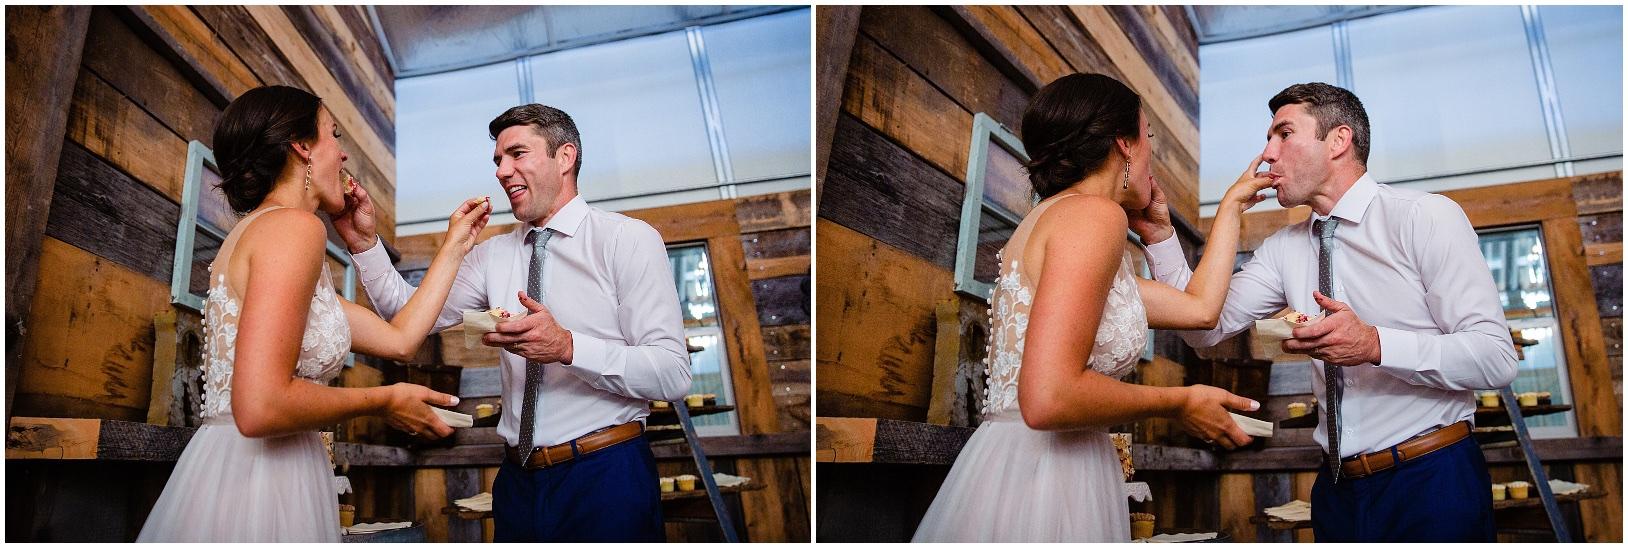 lindseyjane_weddings0113.jpg